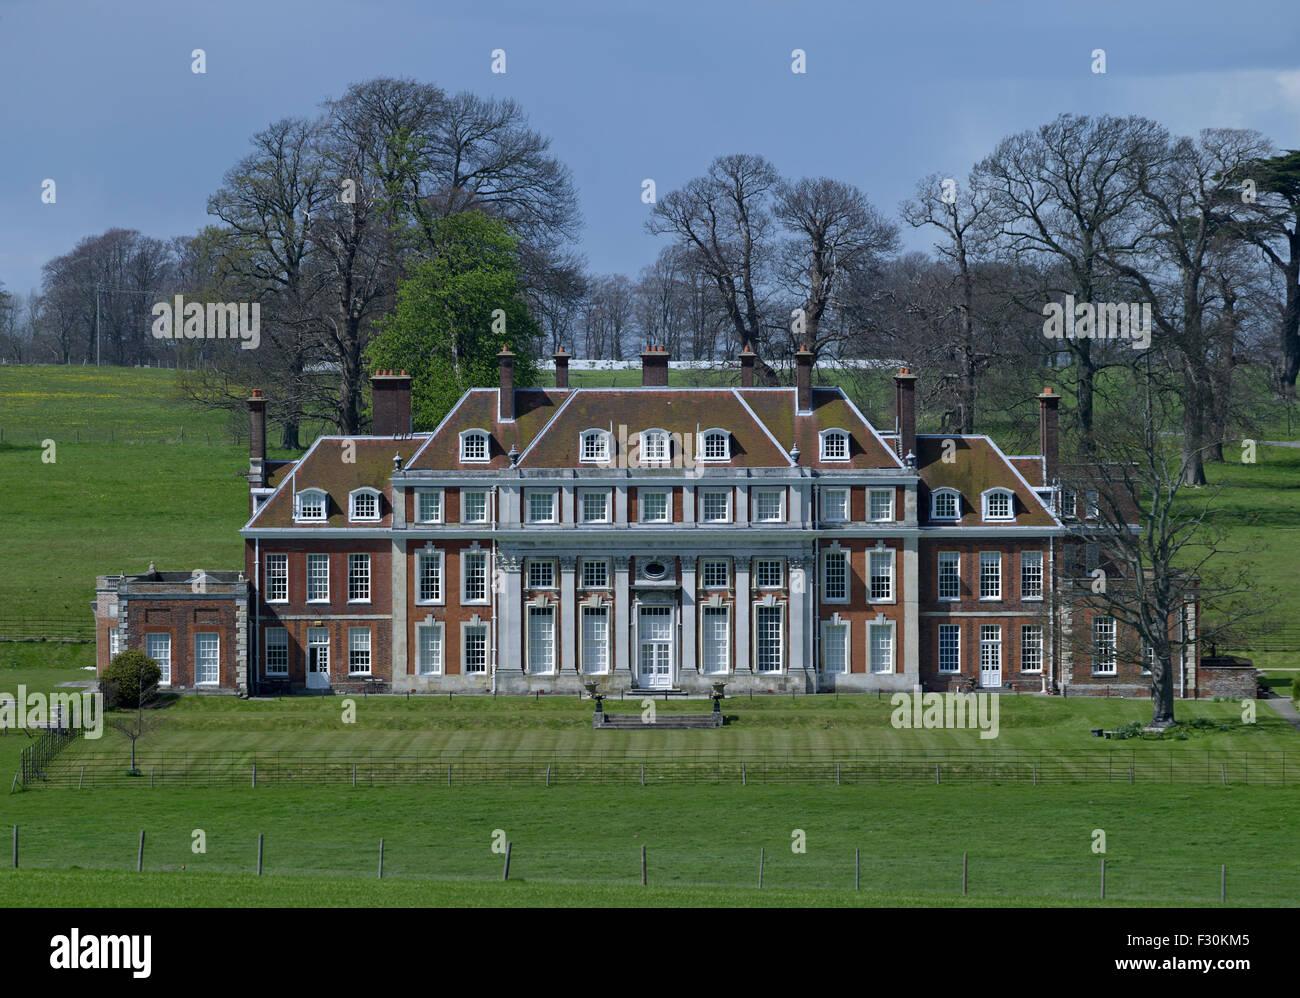 Waldershare Park, Kent. Inizio del XVIII secolo la casa di mattoni rossi Foto Stock